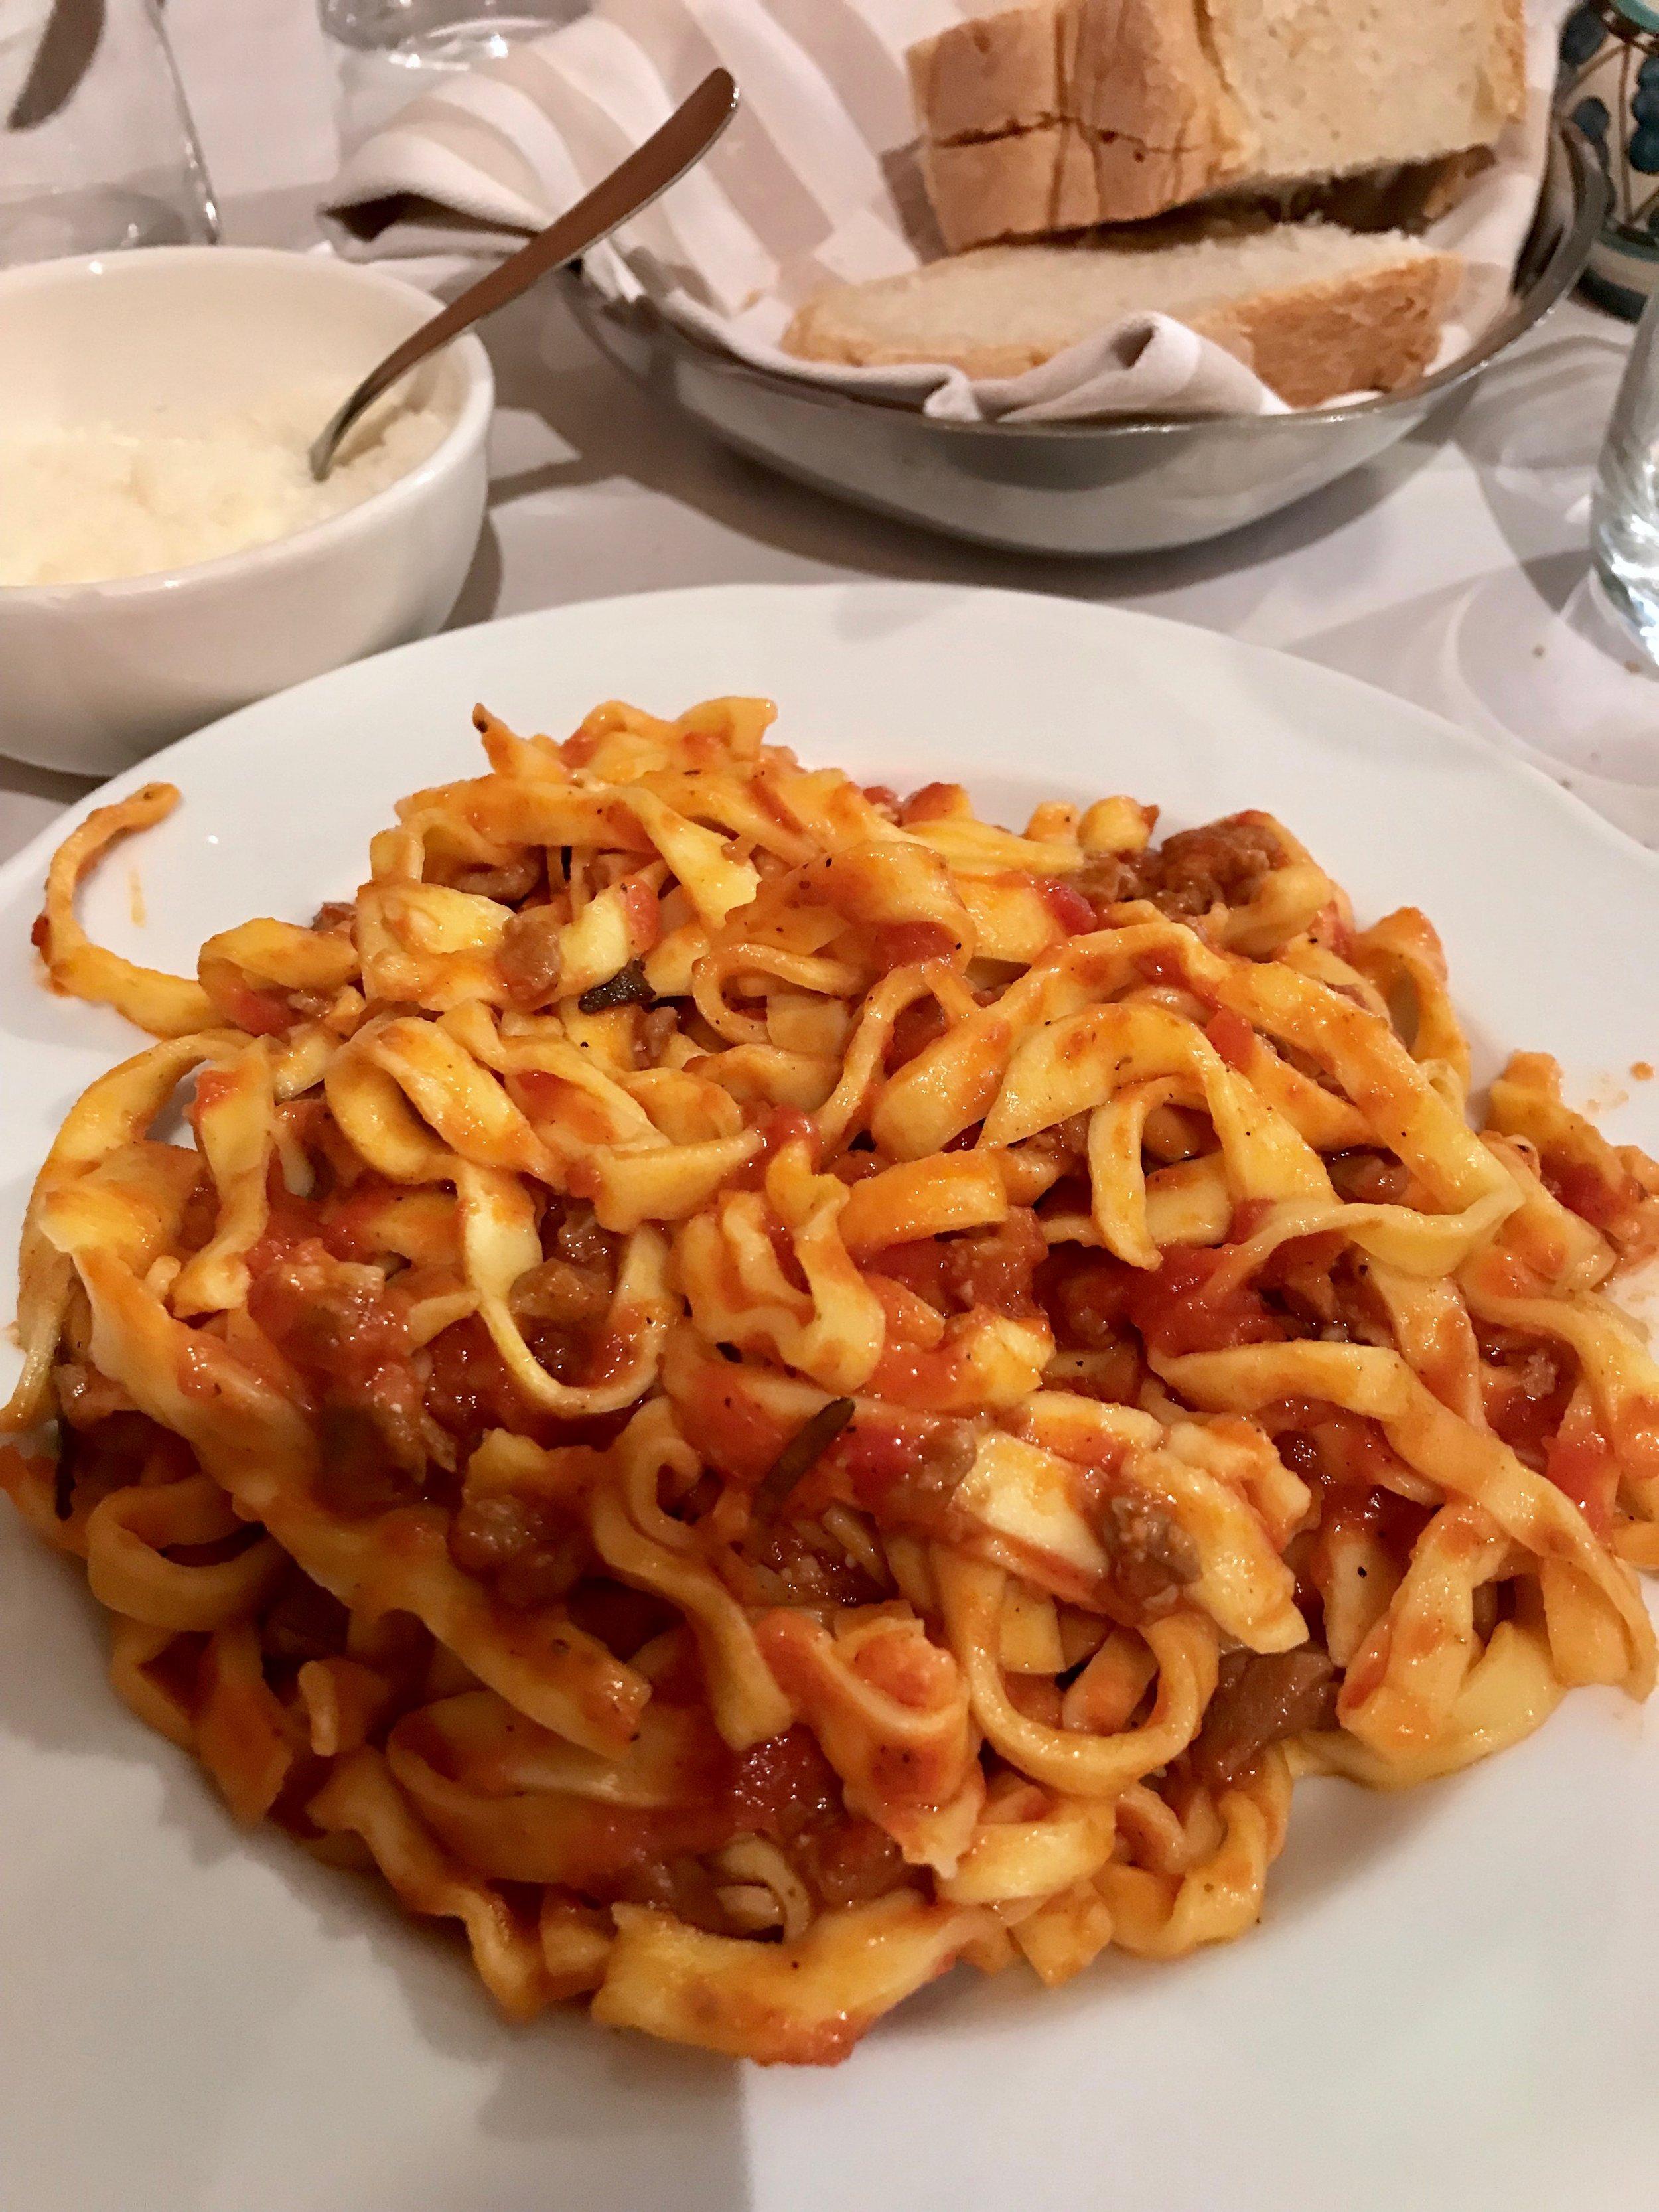 Handmade pasta with lamb ragu